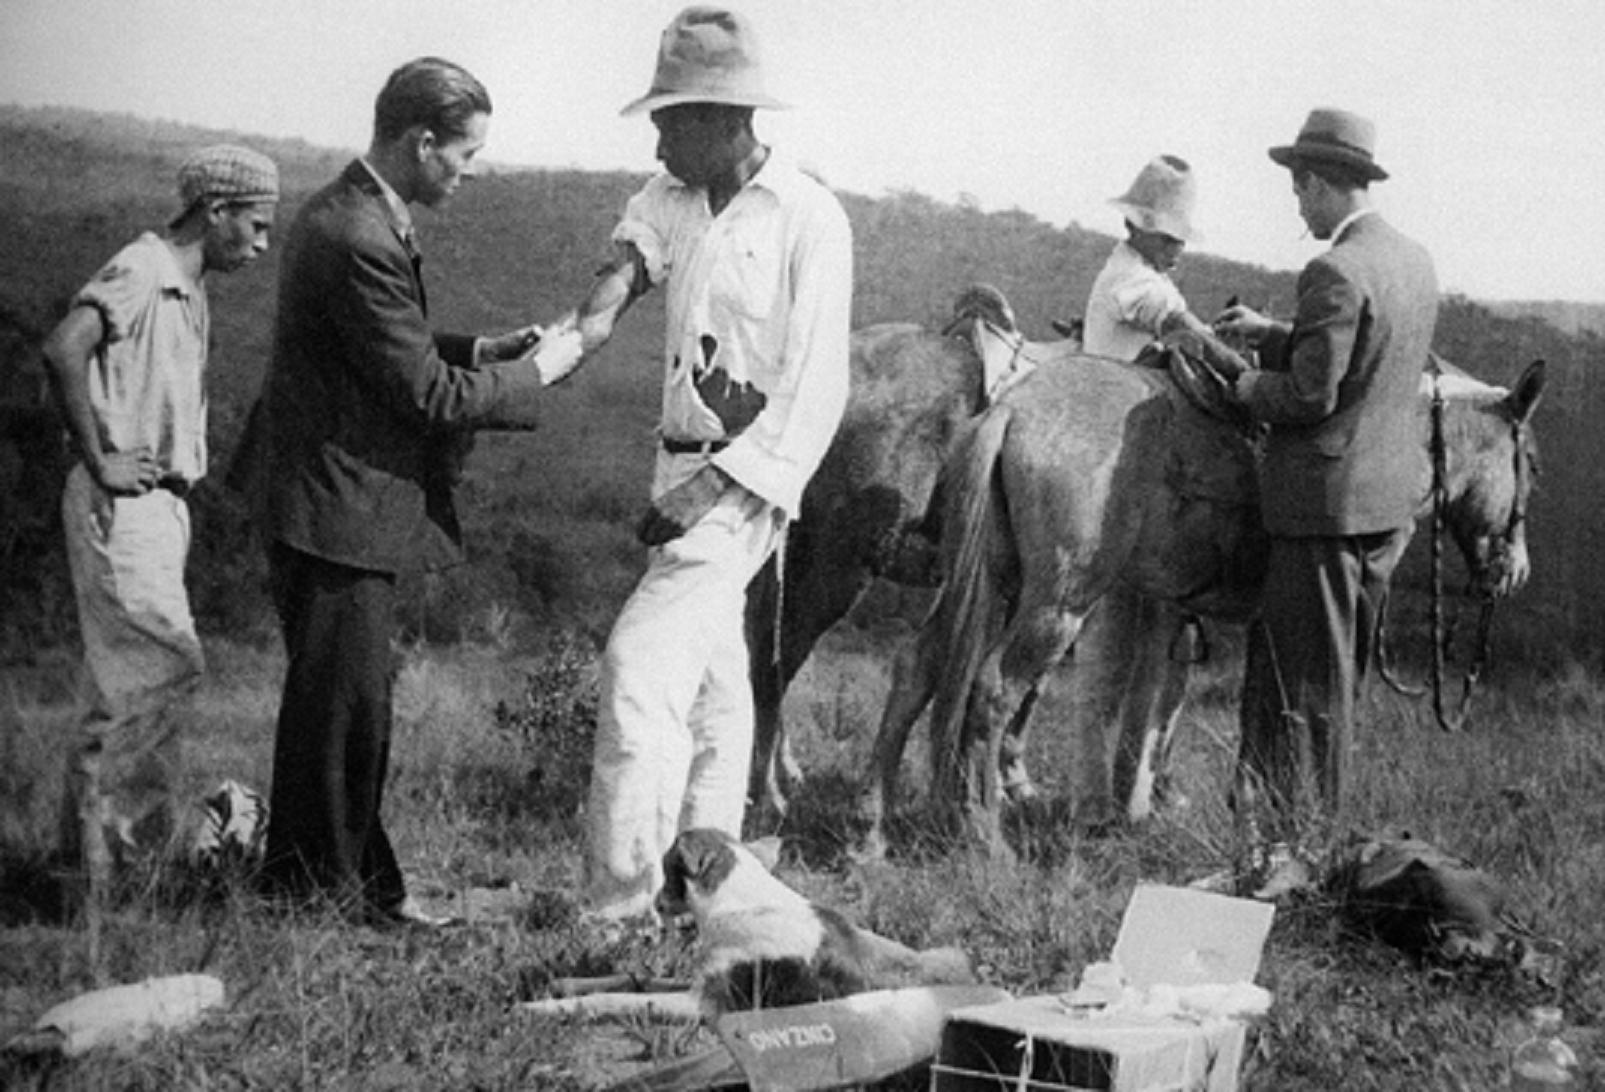 Profissionais de saúde vacinam trabalhadores do campo contra a febre amarela no início dos anos 30. A foto foi capa de um livro lançado em 2002 pela Fiocruz sobre a saga do combate à doença no Brasil desde 1937